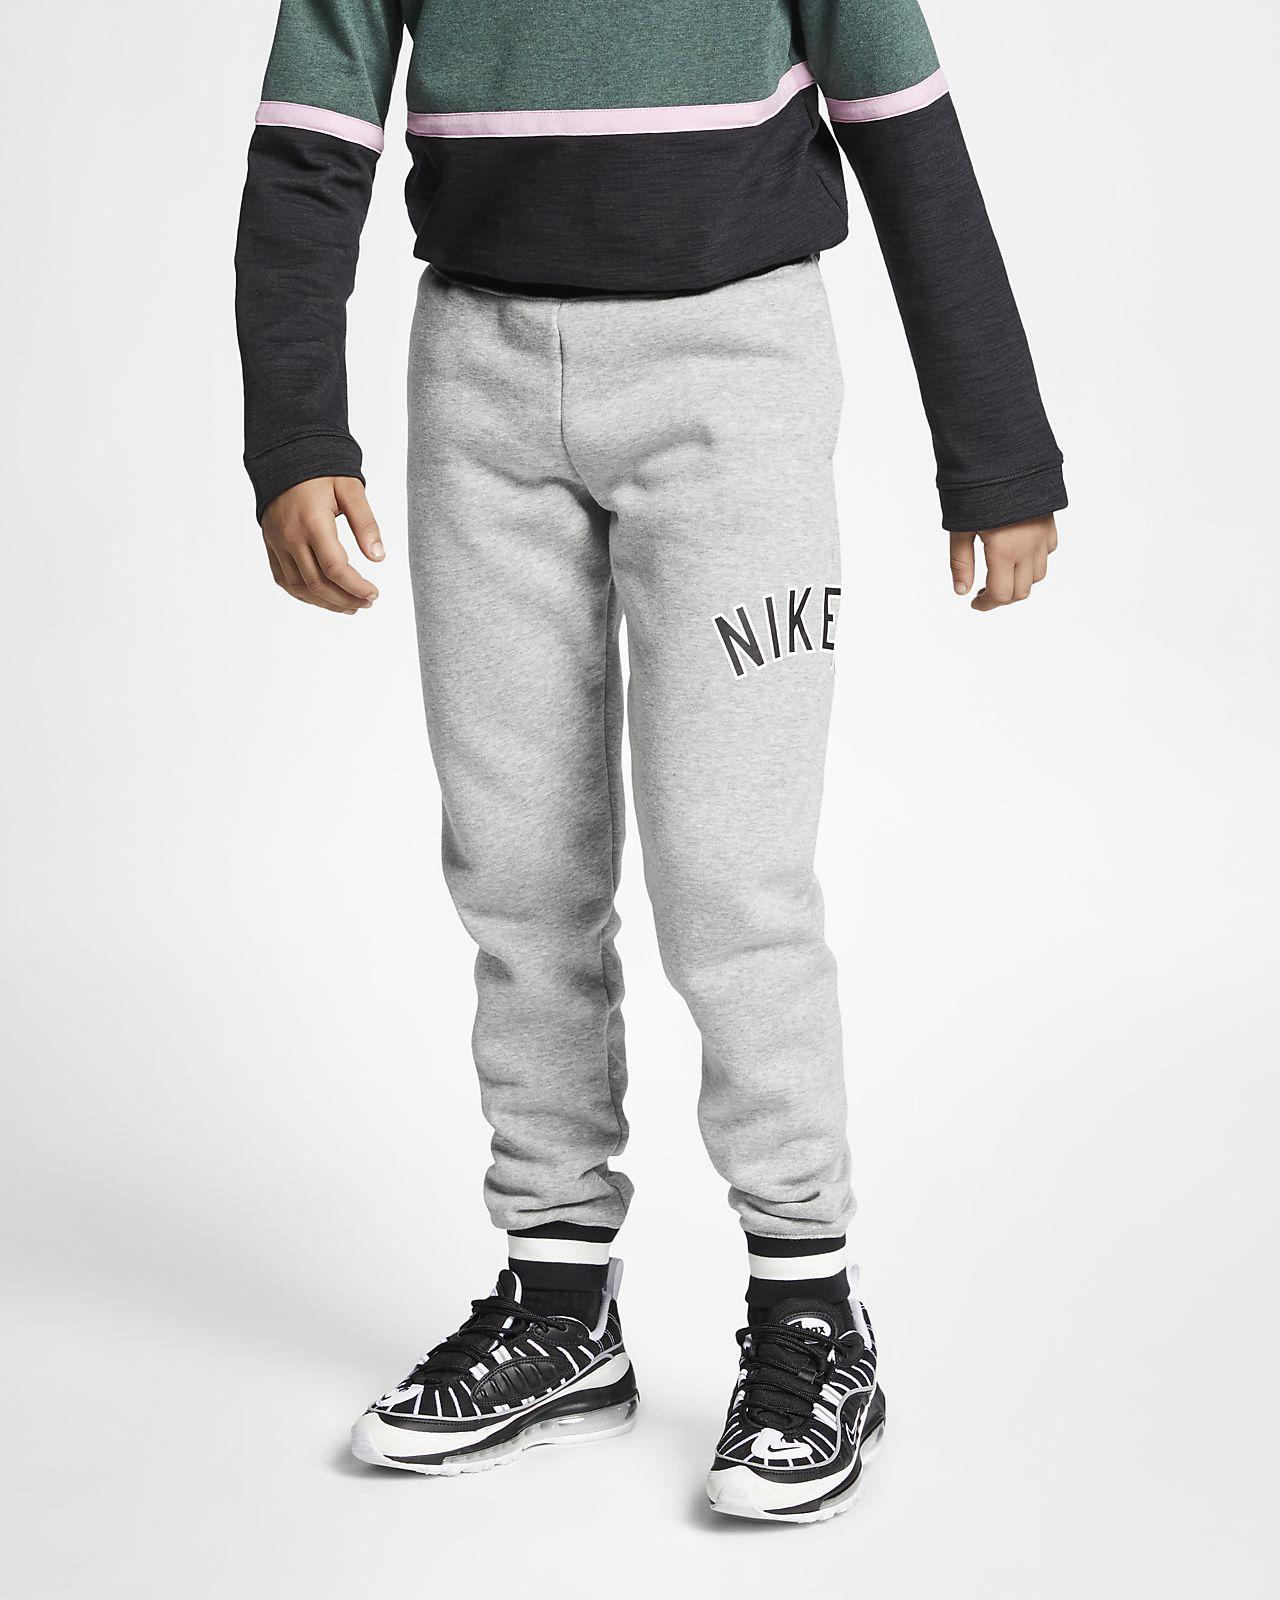 Nike Air大童(男孩)长裤